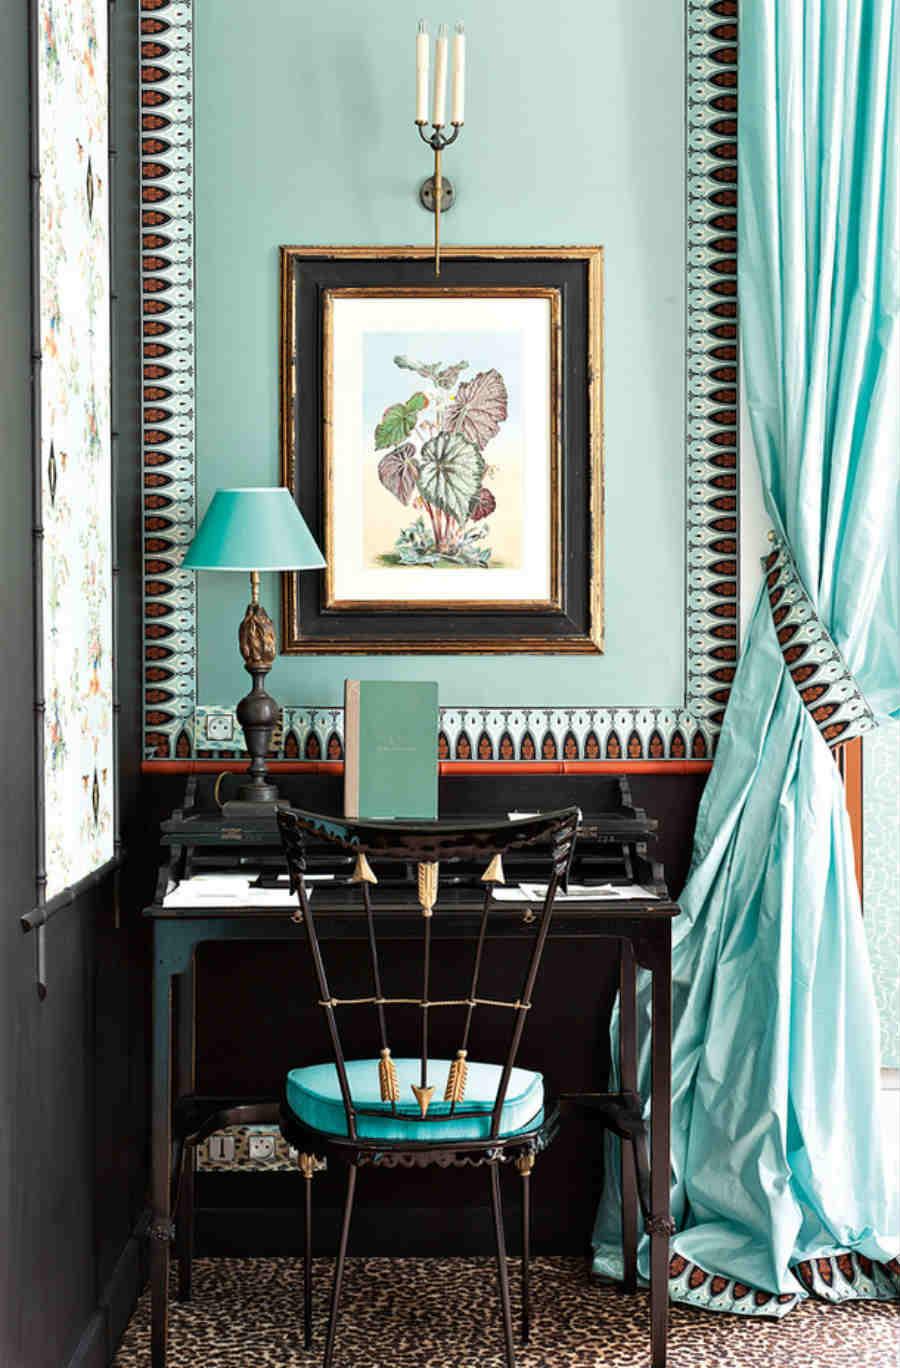 Madeleine Castaing-interior-designer-foto-7-arredamento-ufficio-dettagli-colore-Castaing-Blu